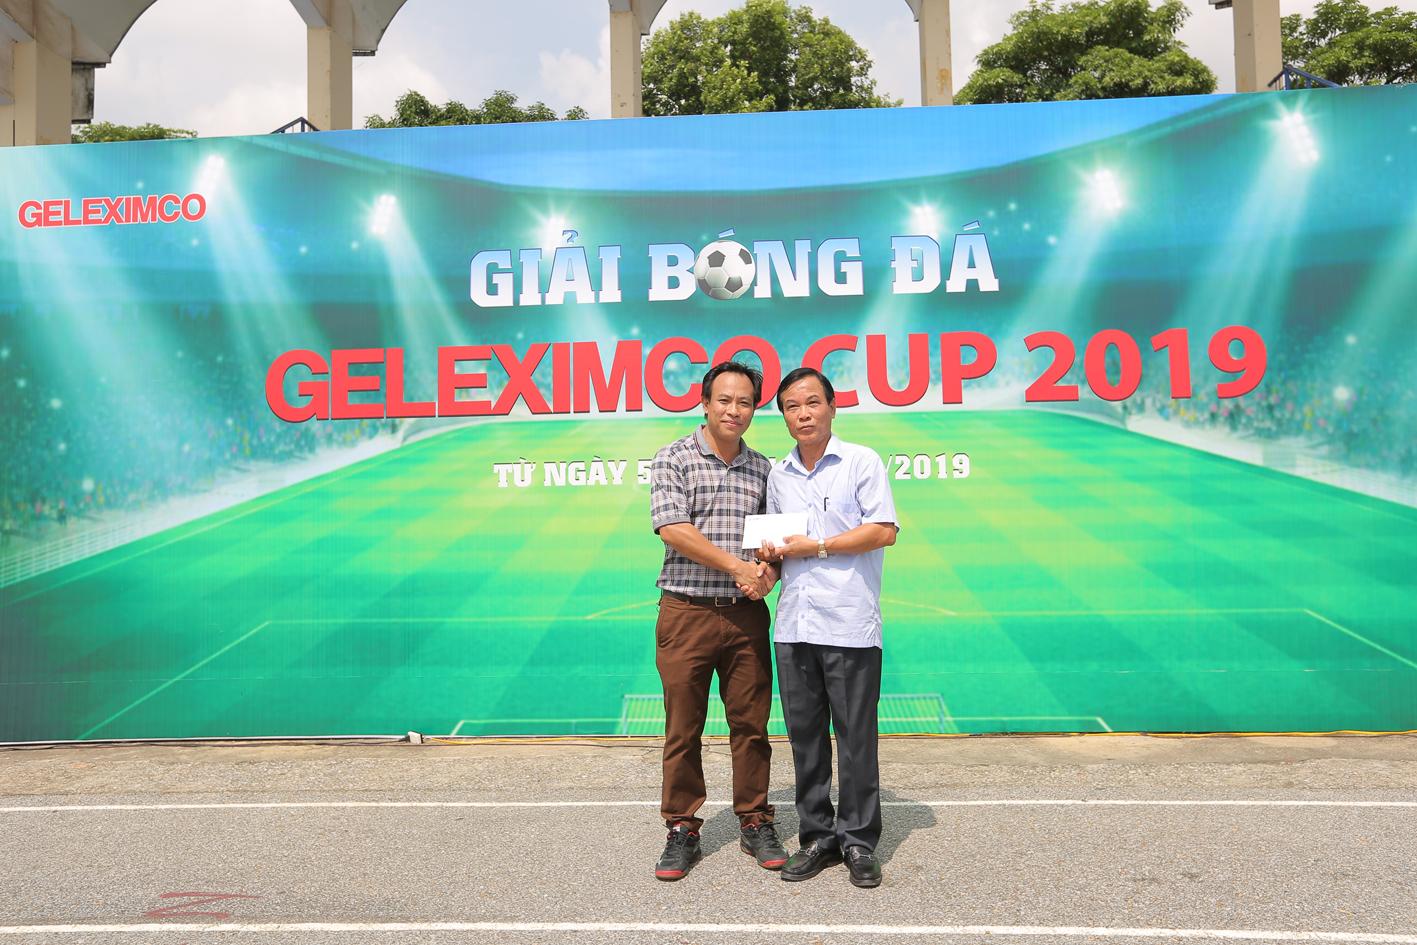 Ông Nguyễn Quốc Khánh - Phó giám đốc Chi nhánh Hà Tây đại diện đơn vị tài trợ cho giải đấu số tiền 10 triệu đồng.